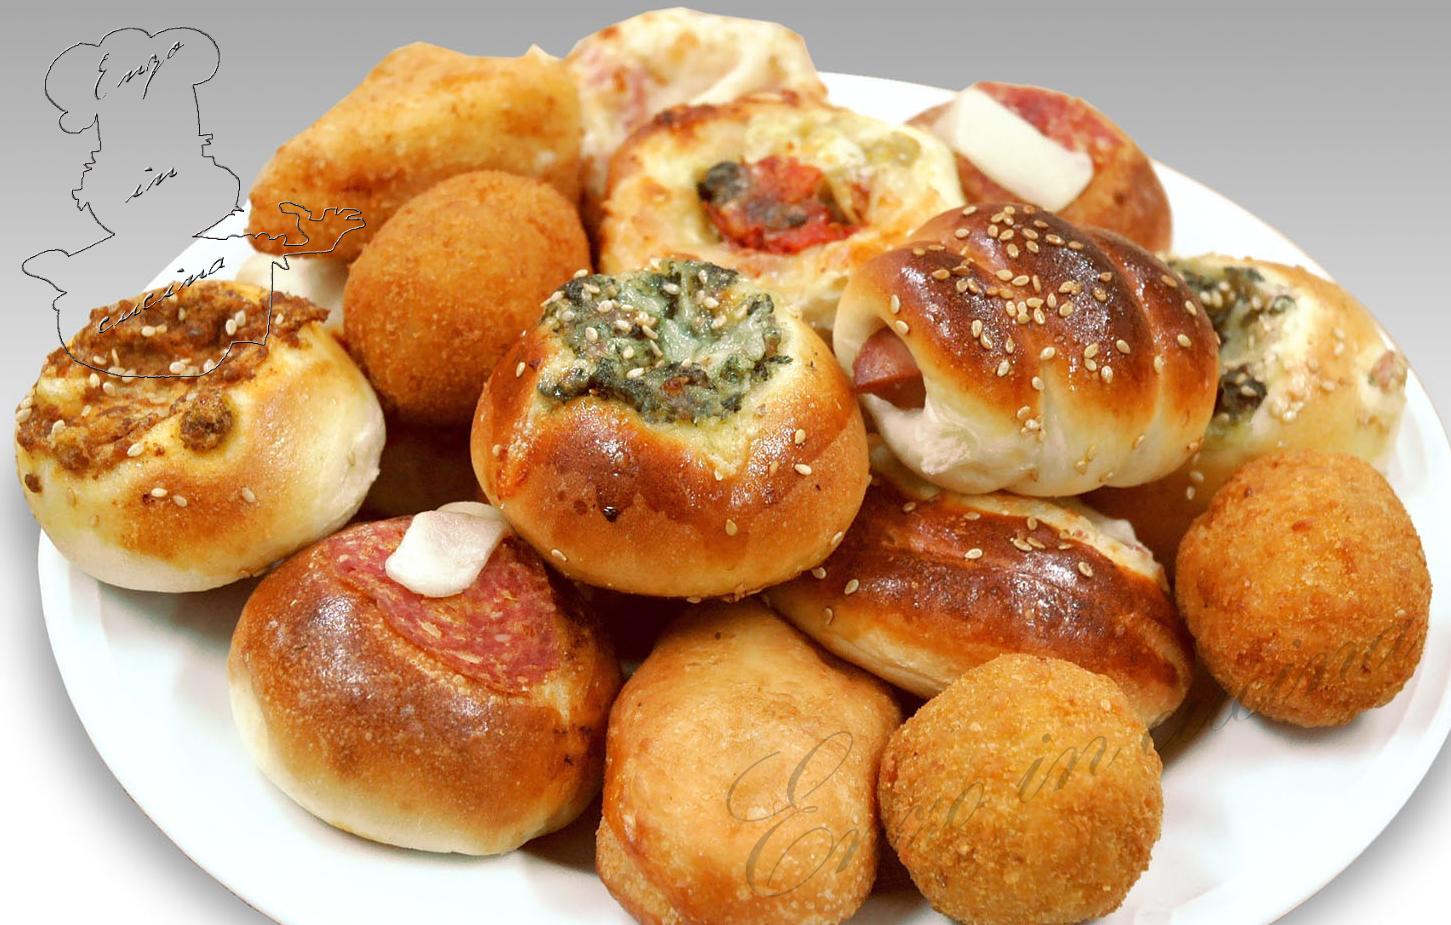 Impasto per rosticceria palermitana enzo in cucina - Impasto per tavola calda siciliana ...